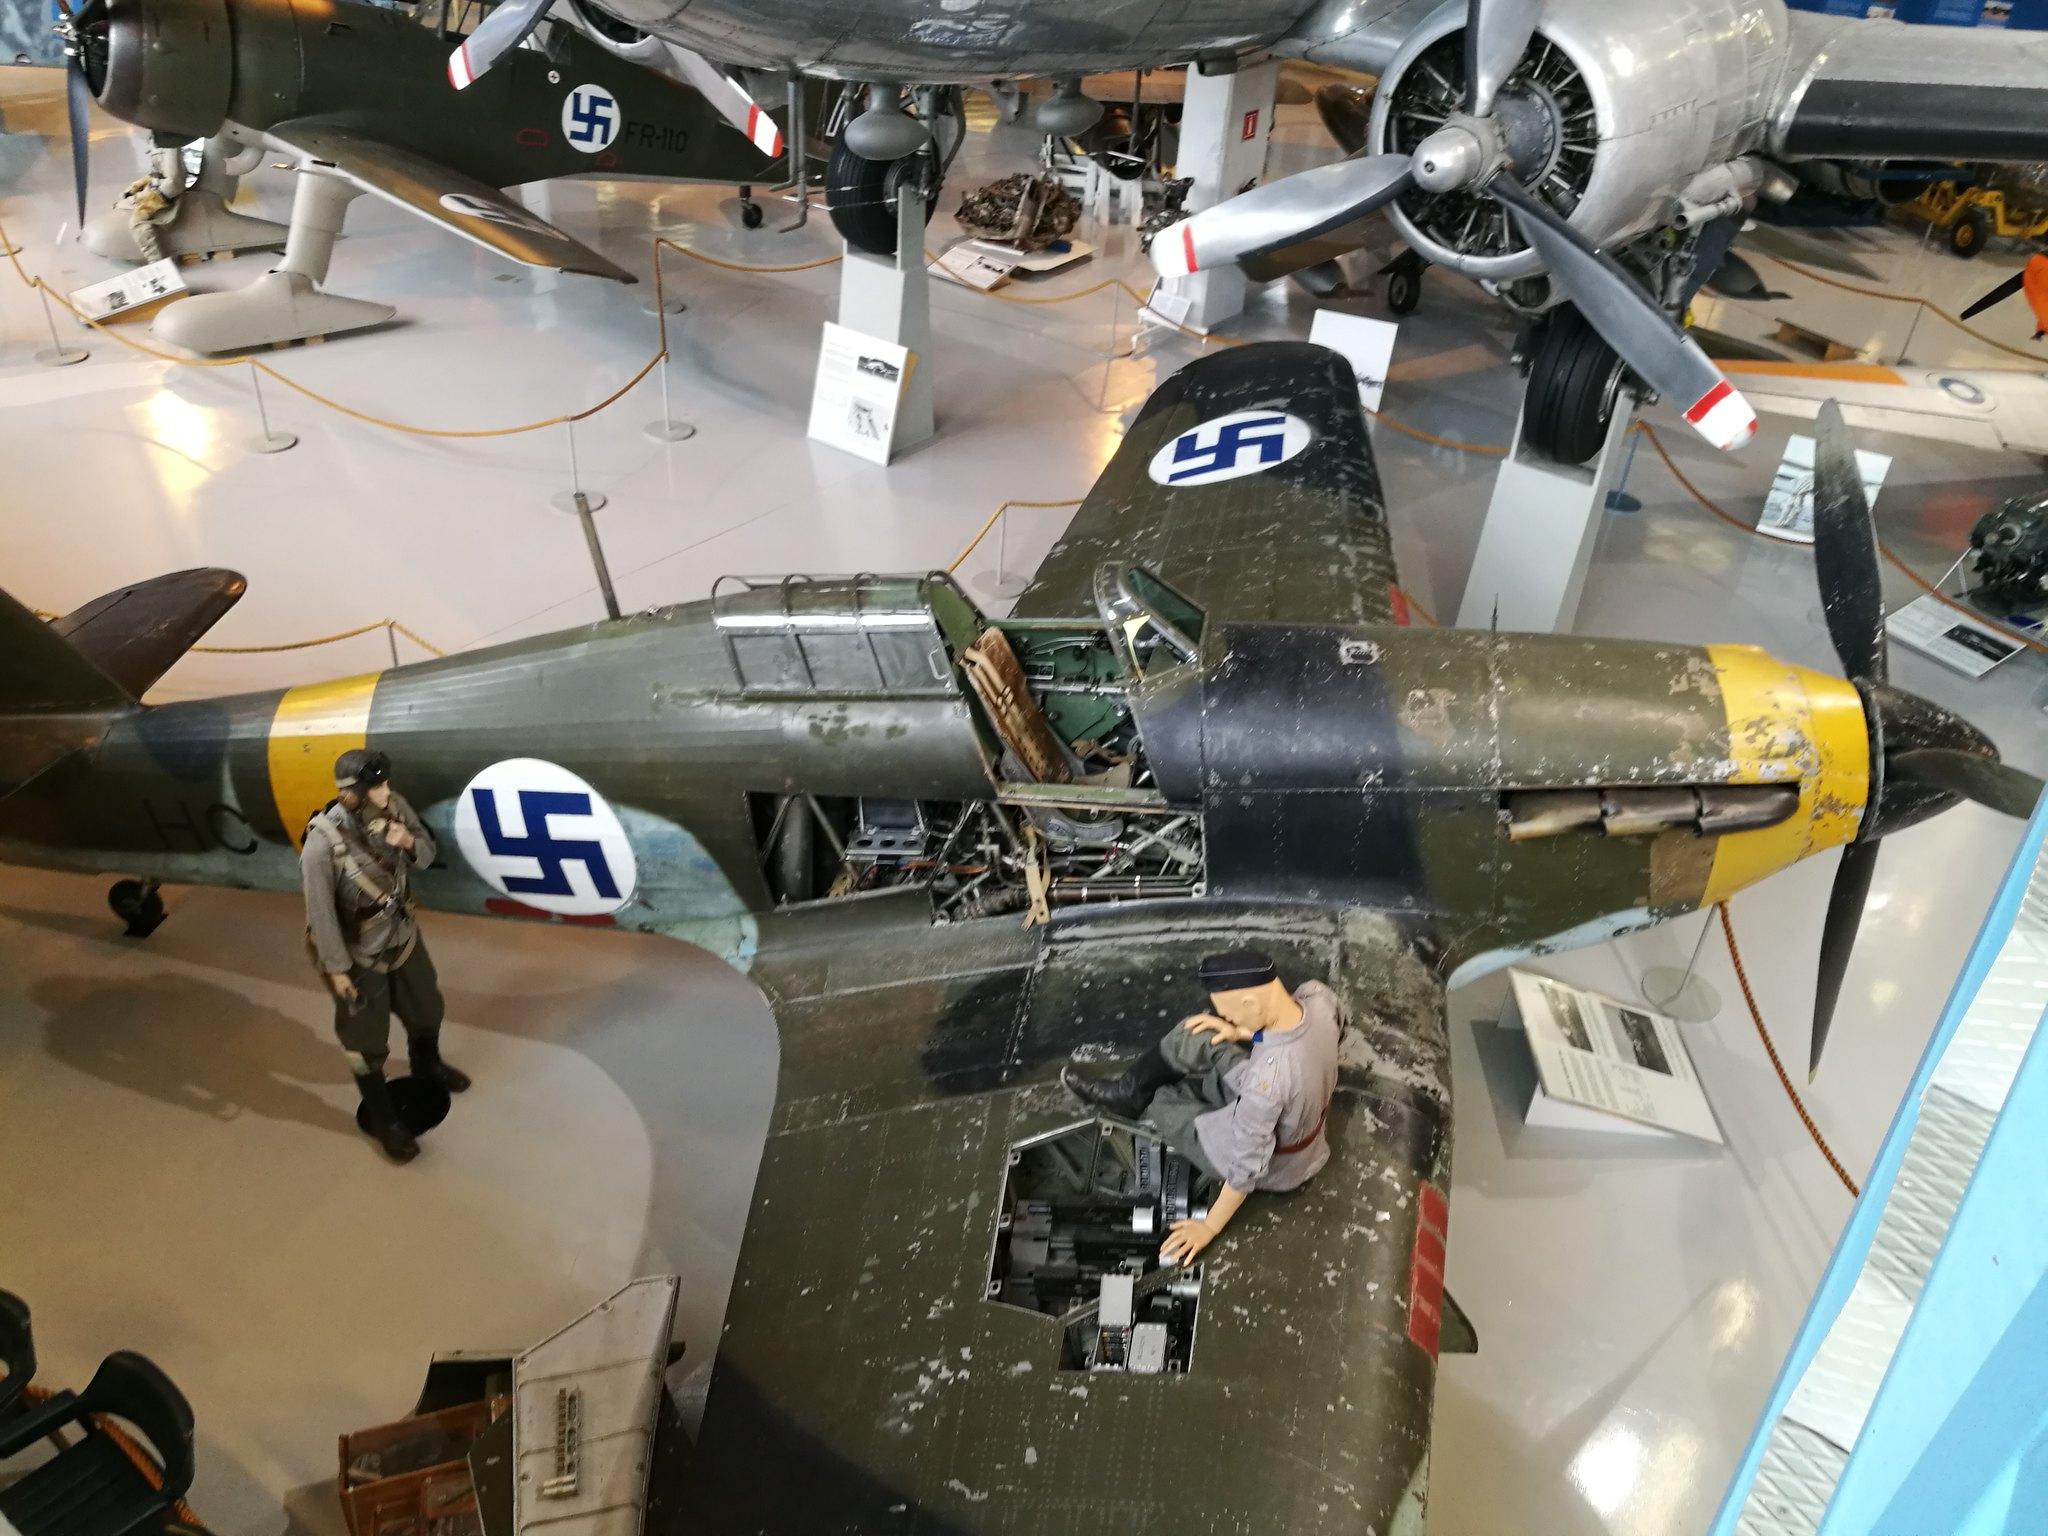 Hemkommen från semester i Finland med utflykt till Finlands Flygvapenmuseum. 48293051992_26e9a51e9f_k